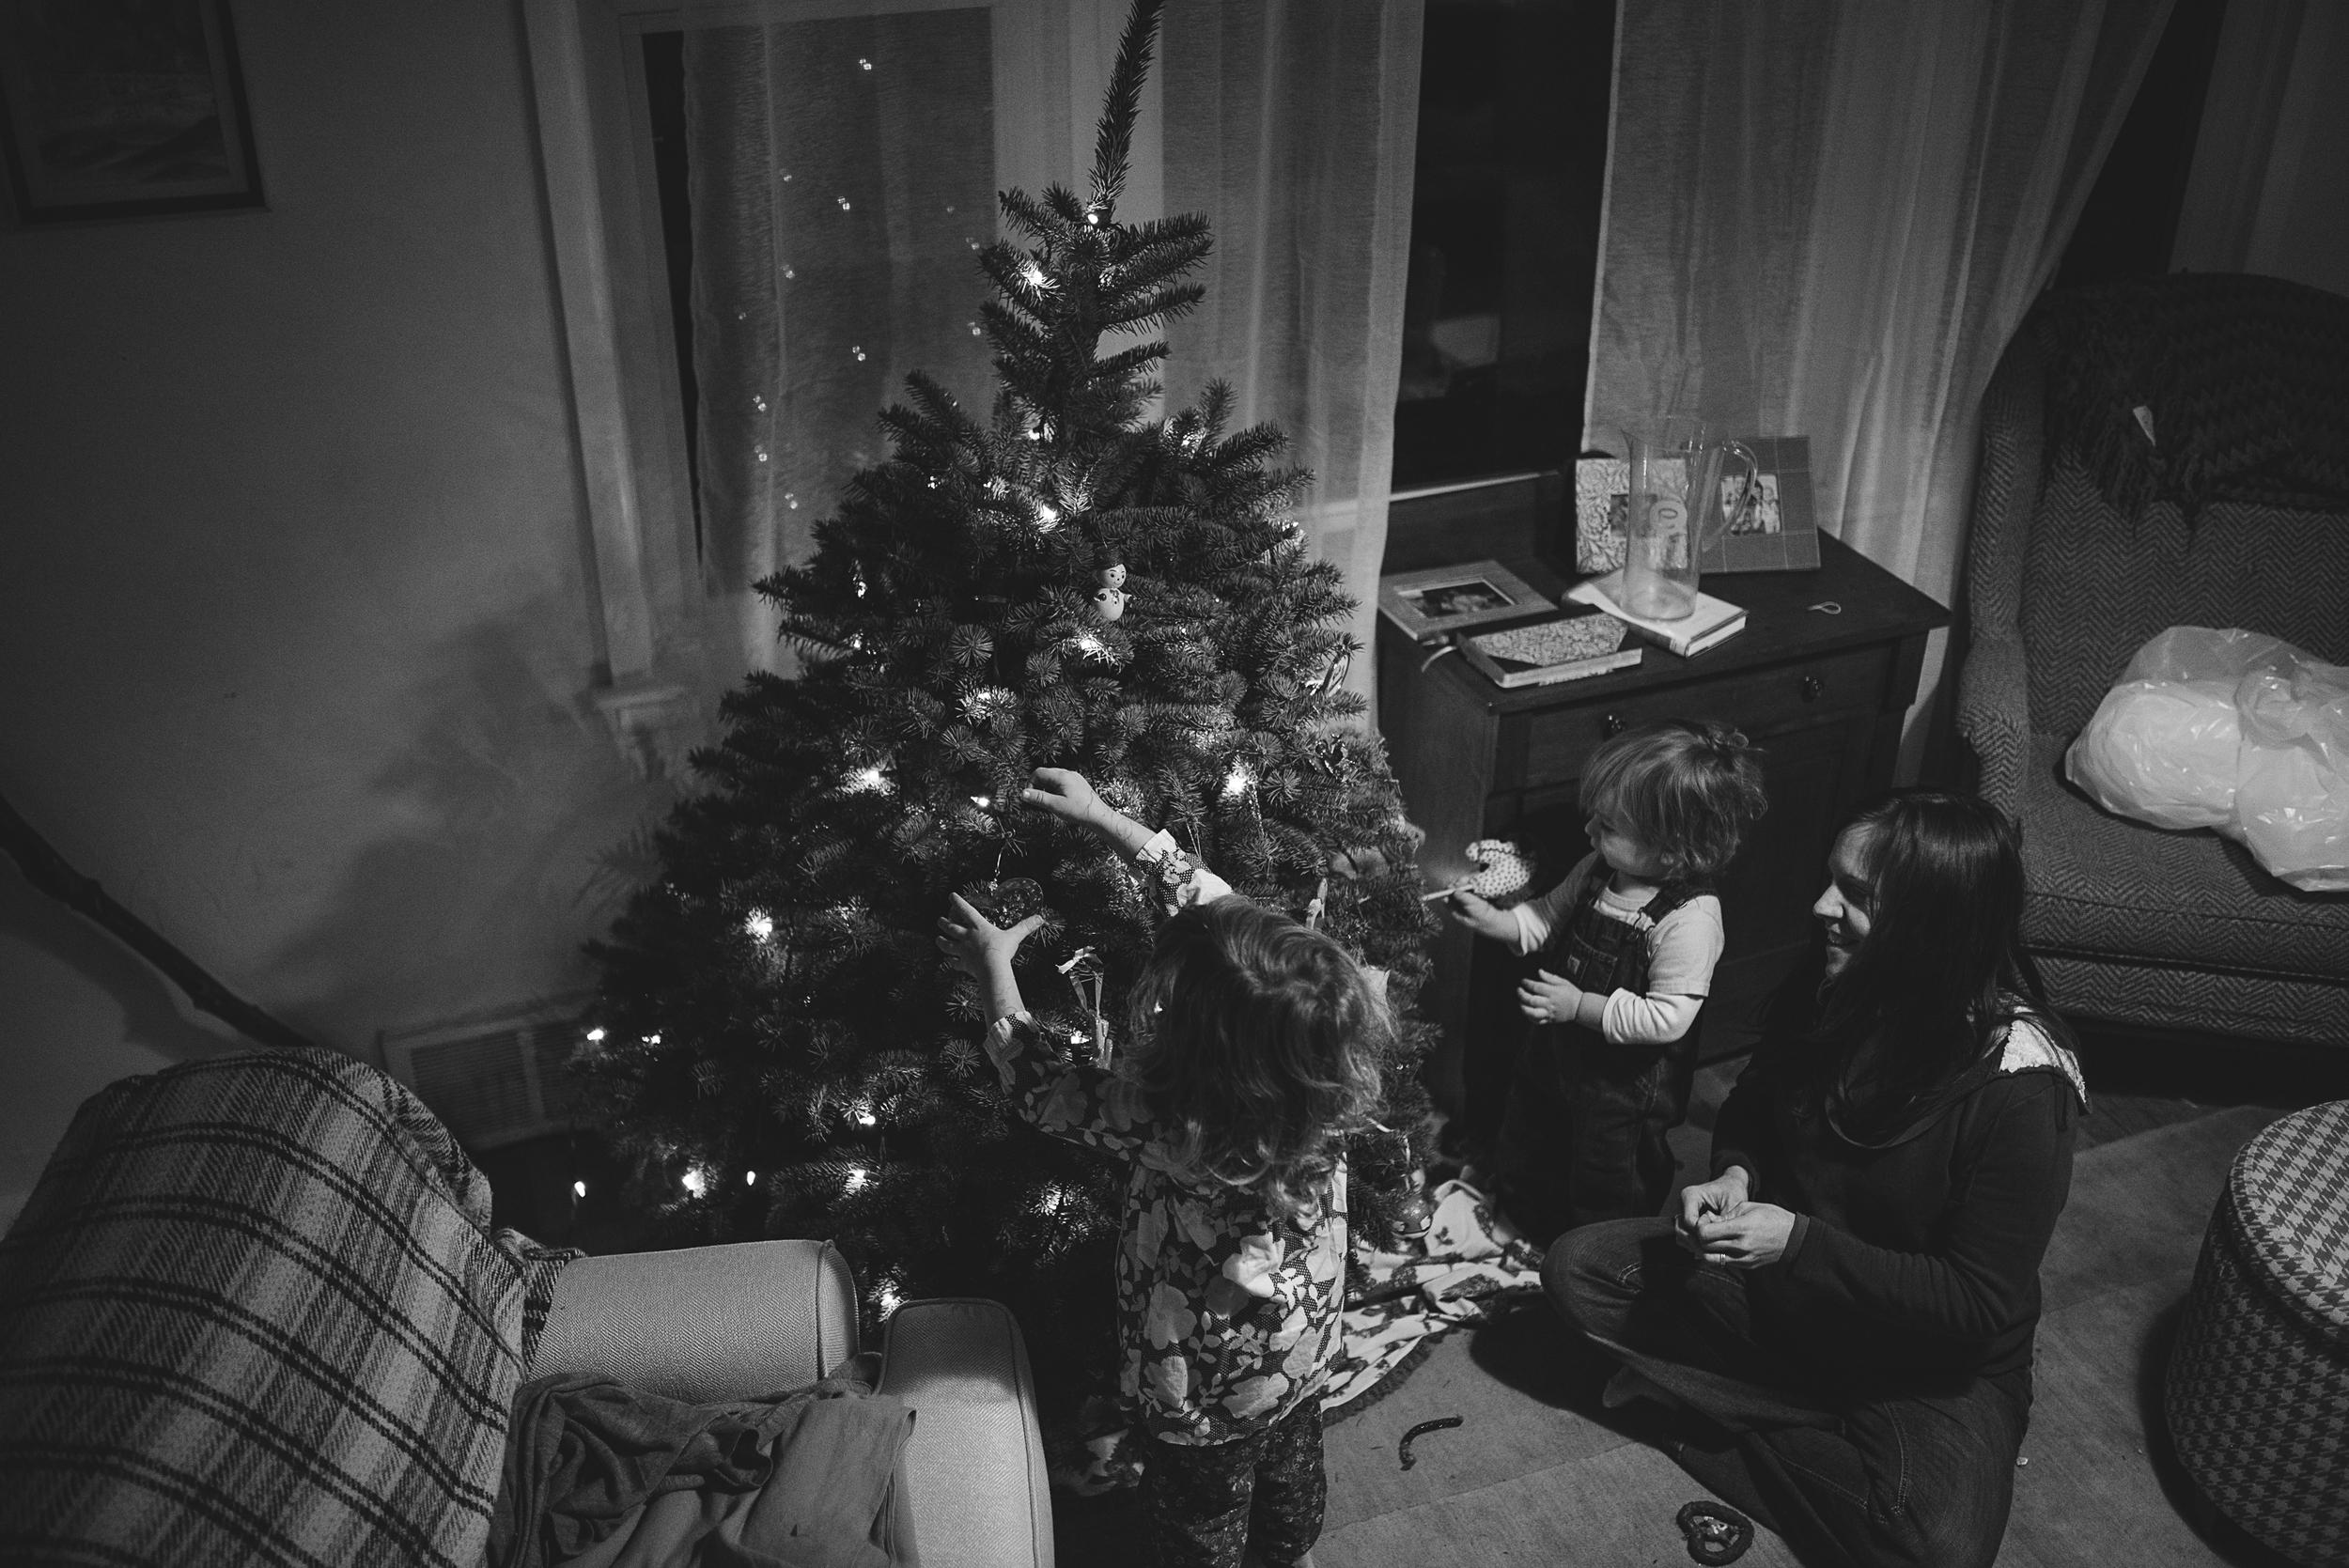 christmas-tree-decorating-7.jpg